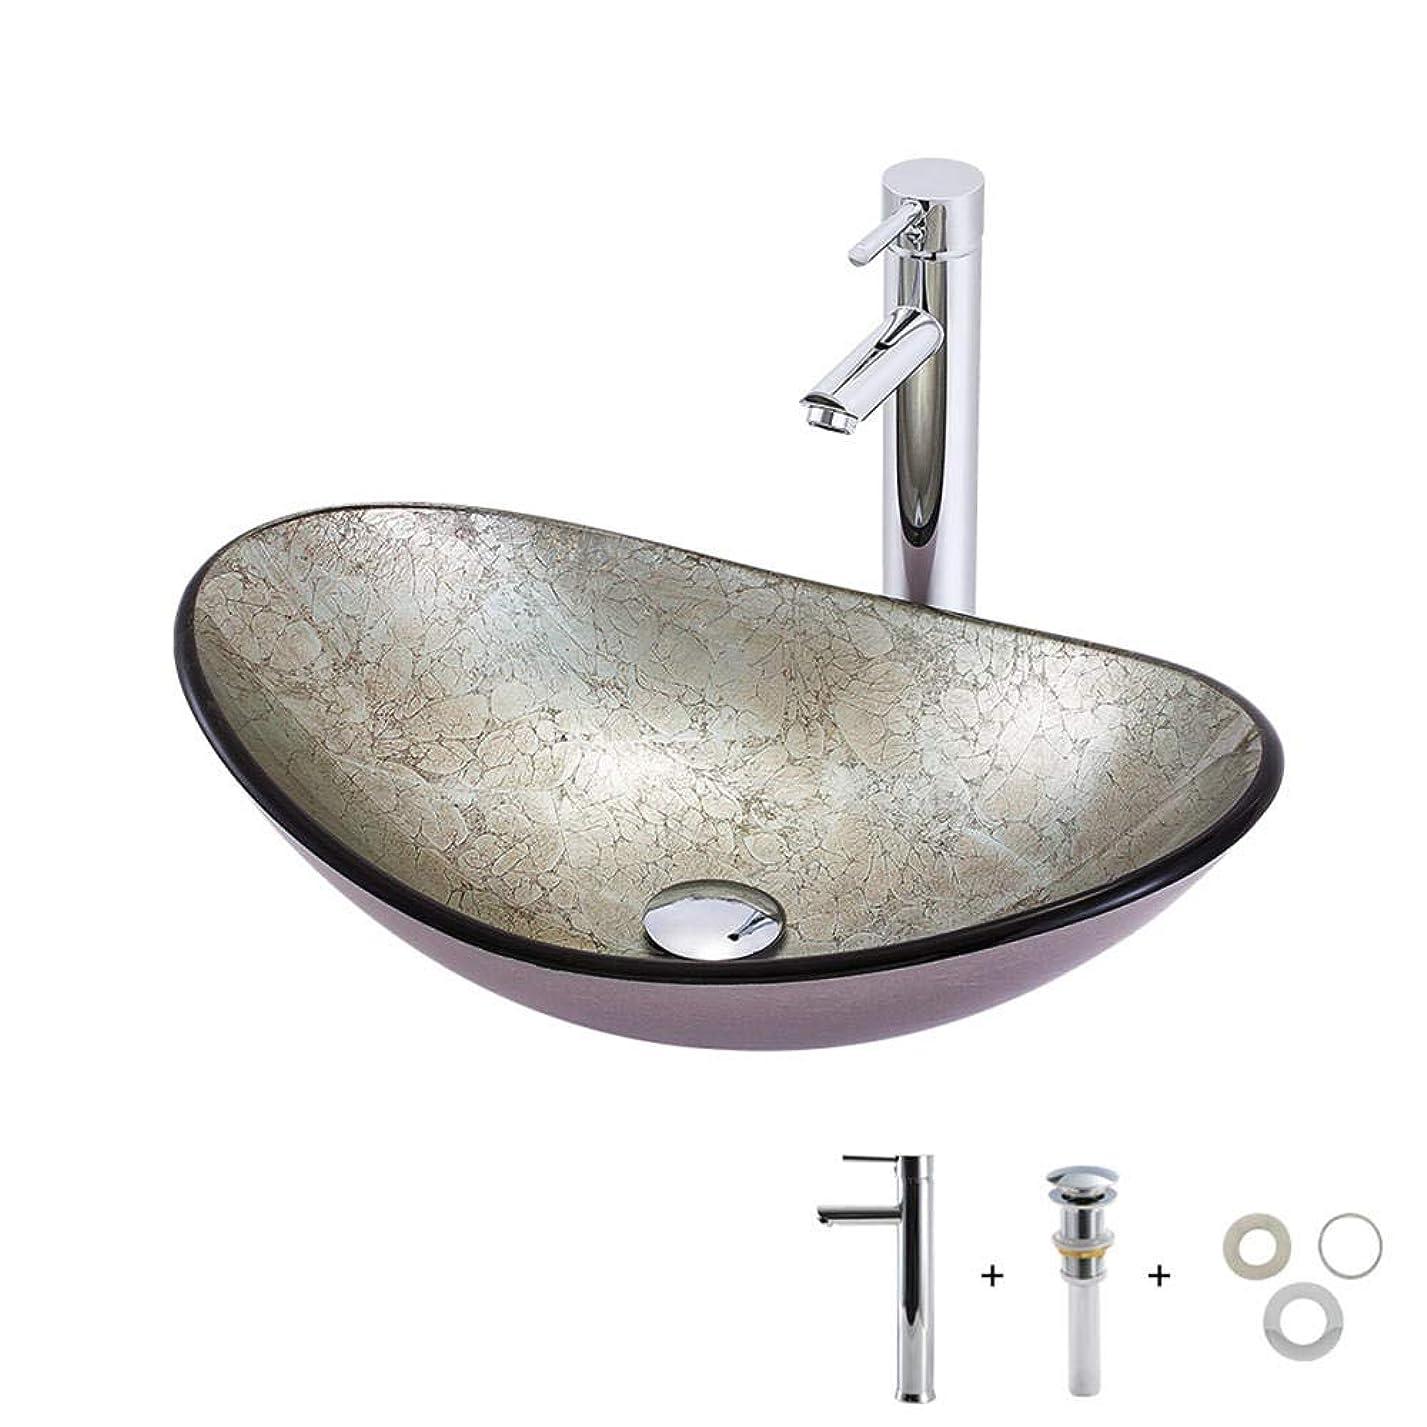 認可申し込む平和な洗面ボールガラス強化グレー水栓、ウォーターフォール取り付けリングキットおよびドレン洗面器-楕円形